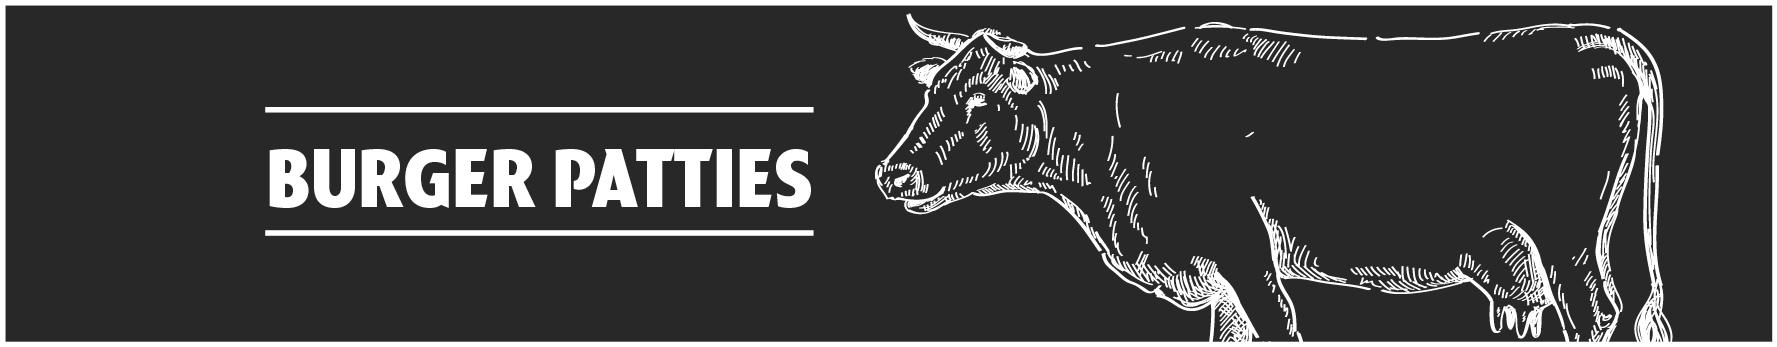 Premium Burger Patties kaufen ✔ Ausgefallene Burger Rezeptideen ✔ Sichere & schnelle Lieferung ✔ Kontrollierte und zertifizierte Herkunft ✔ Kostenloser Versand ab 99€ Bestellwert ✔